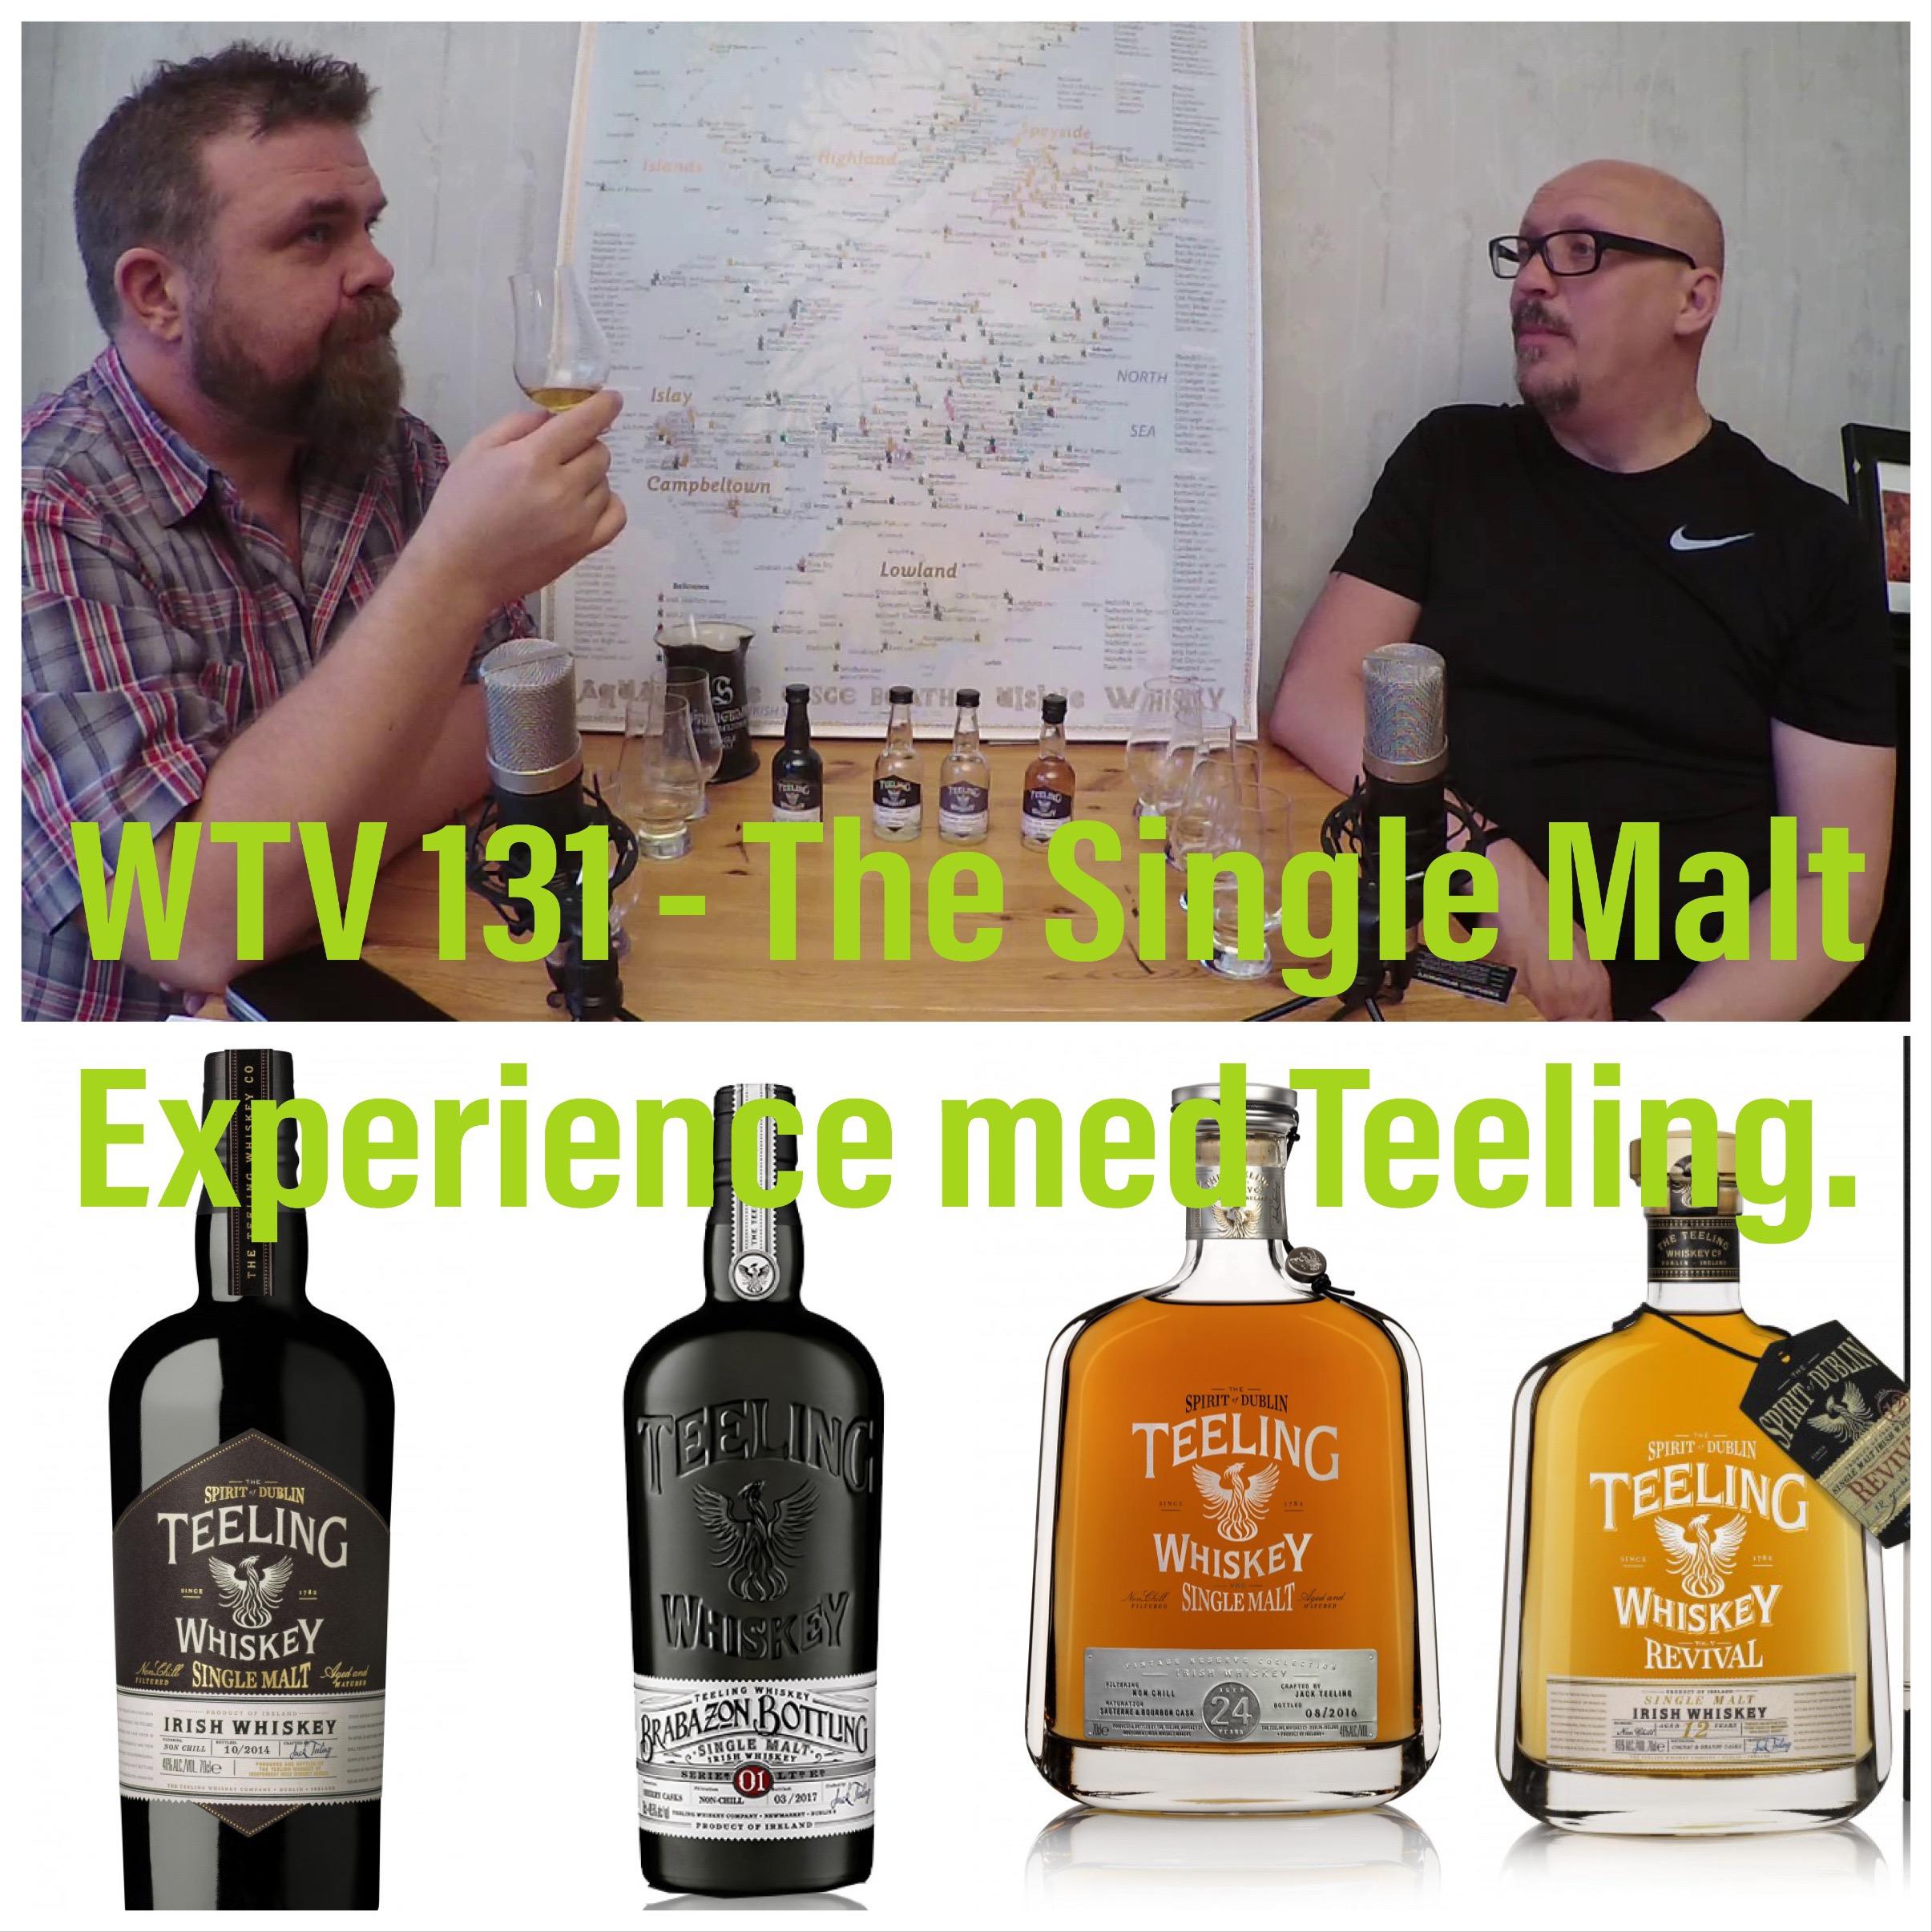 WTV 131 – The Single Malt Experience med Teeling